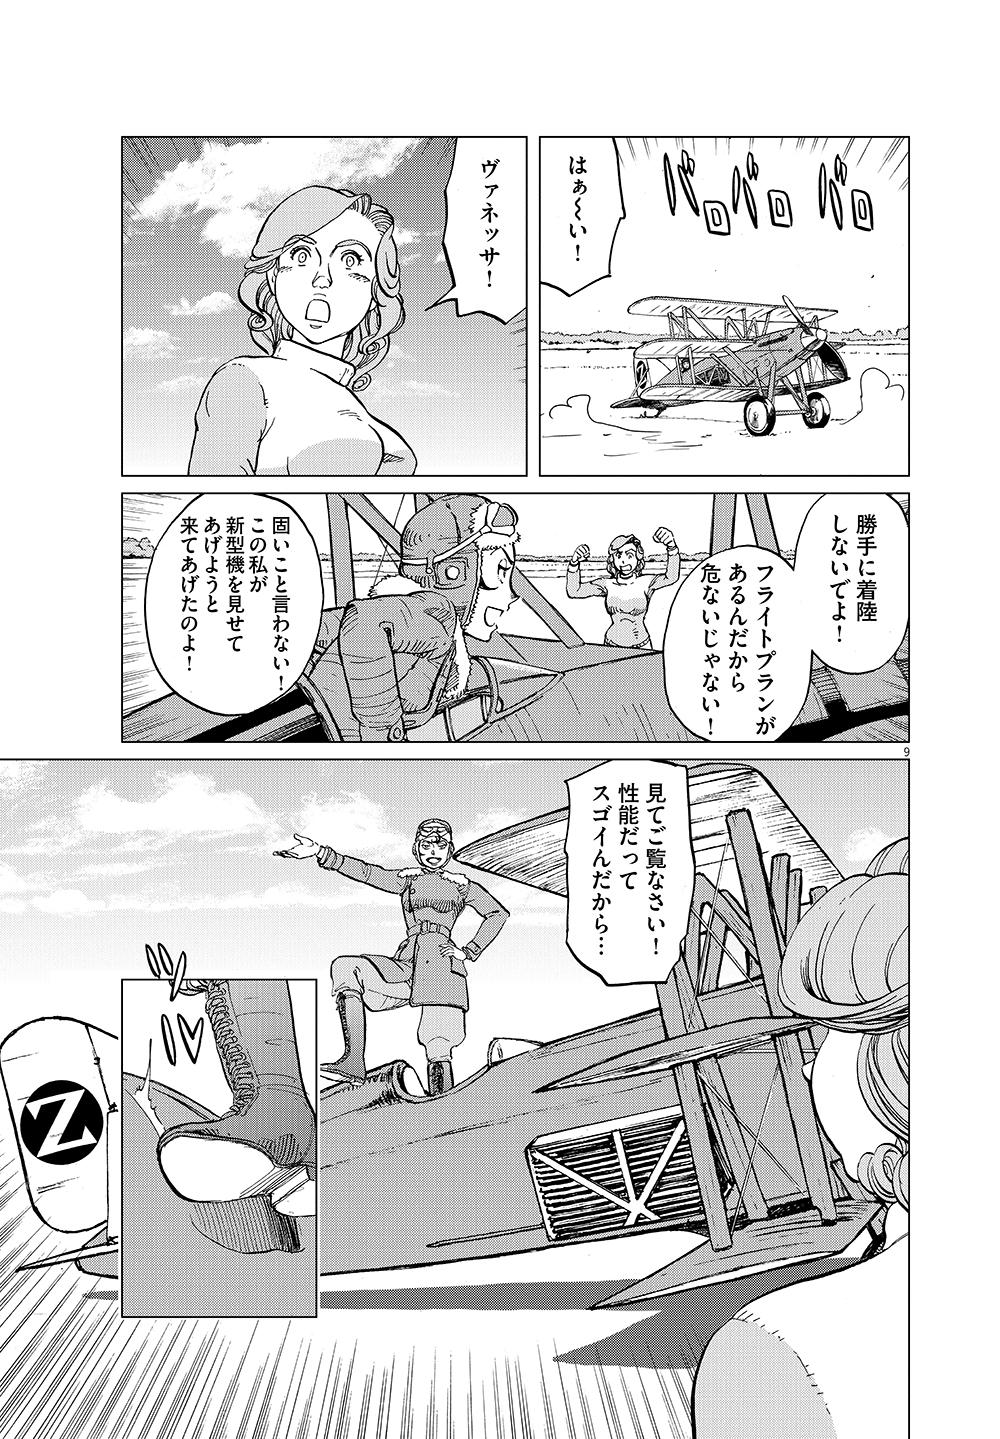 女流飛行士マリア・マンテガッツァの冒険 第十九話9ページ目画像